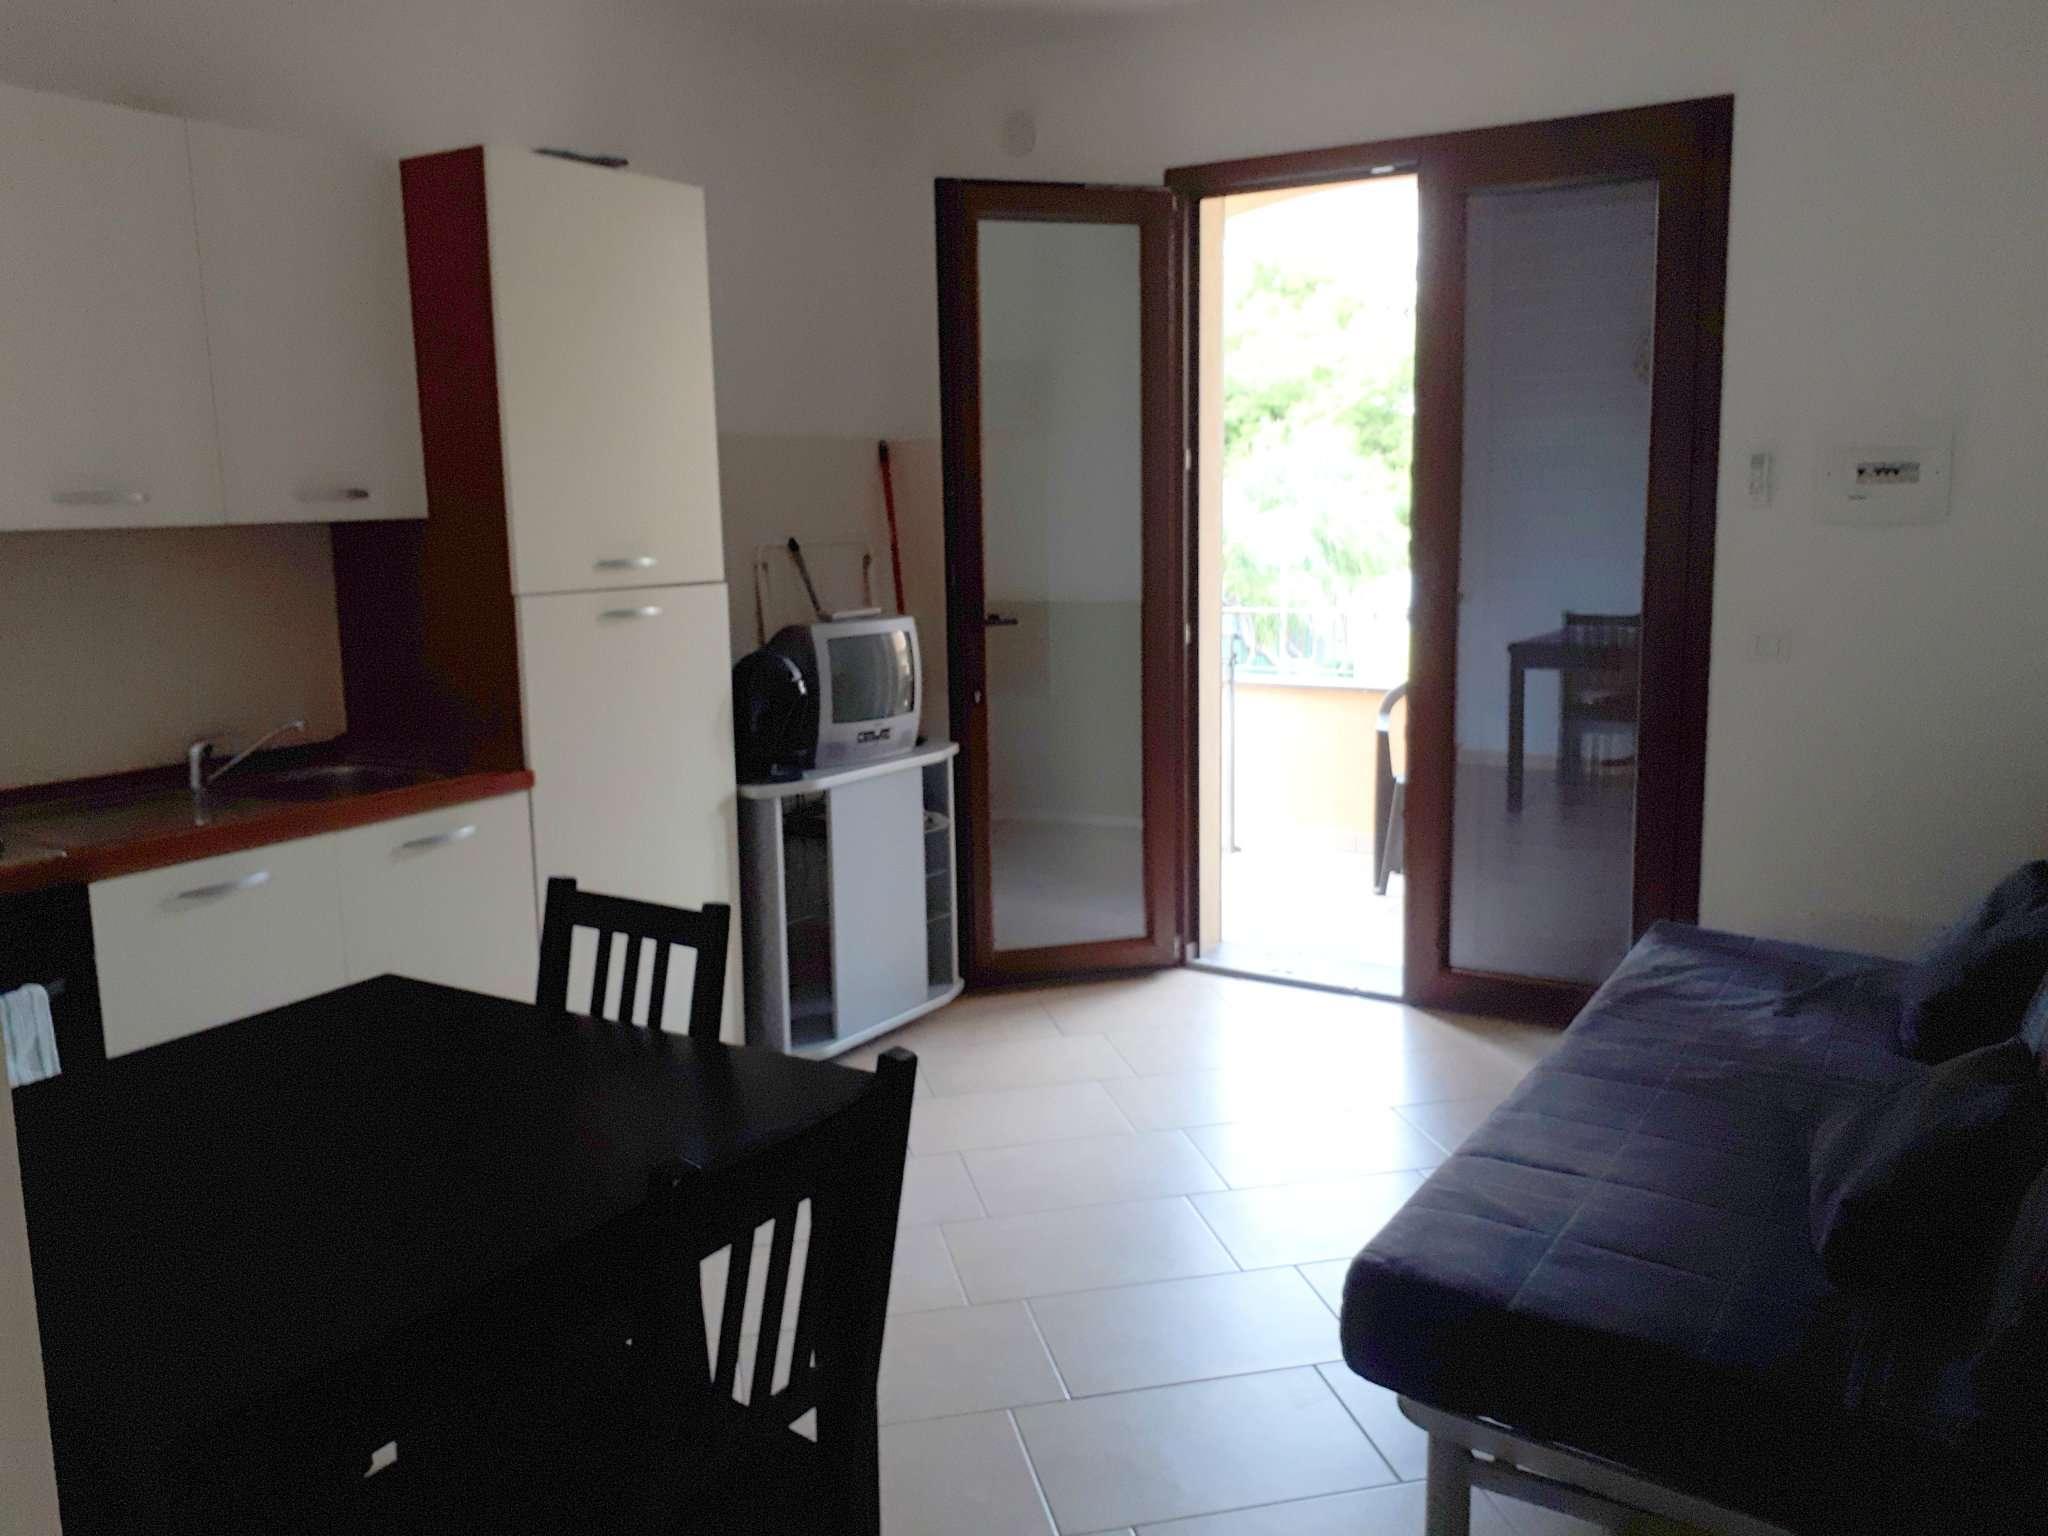 Appartamento in vendita a Castelsardo, 2 locali, prezzo € 95.000 | CambioCasa.it